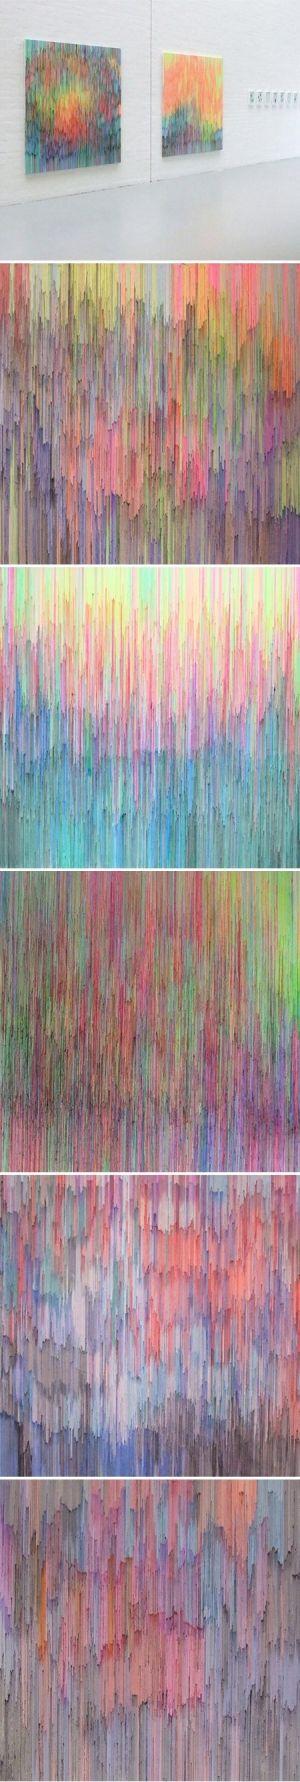 Joan Salo via The Jealous Curator by vonda